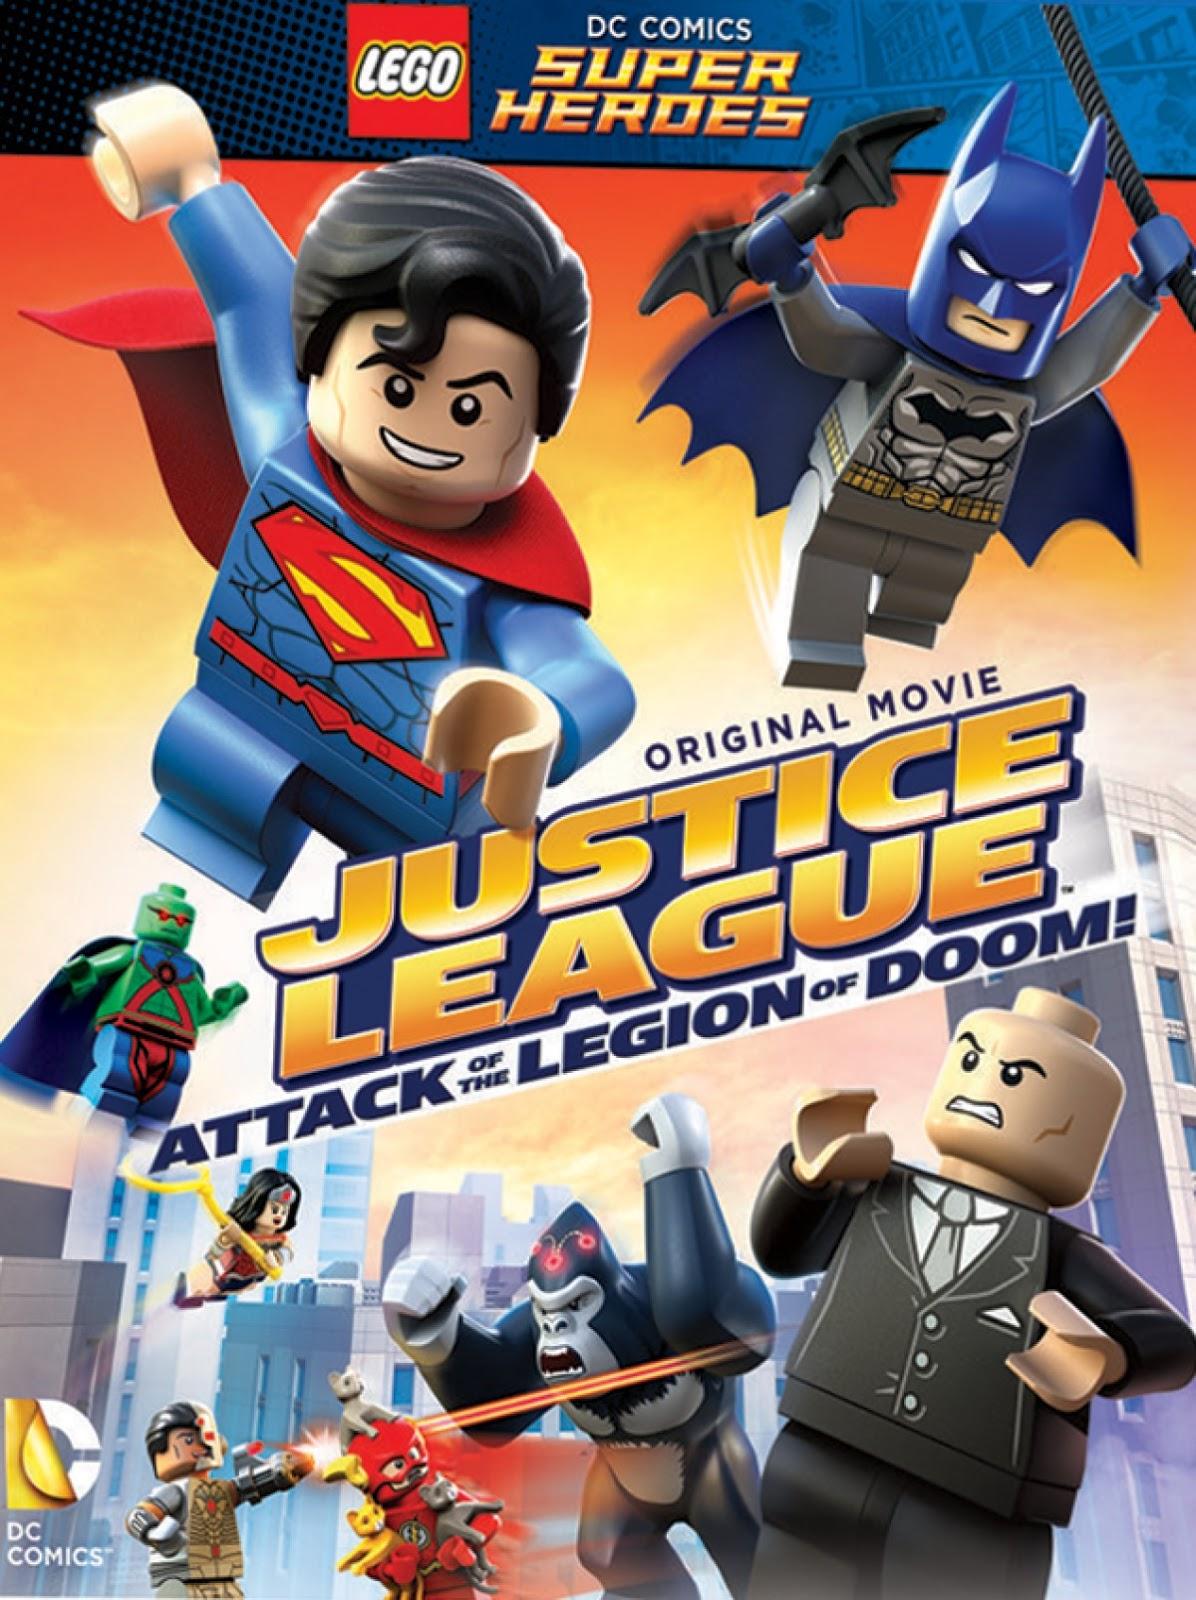 Justice League : Attack of the Legion of Doom! จัสติซ ลีก ถล่มกองทัพลีเจียน ออฟ ดูม [HD][พากย์ไทย]